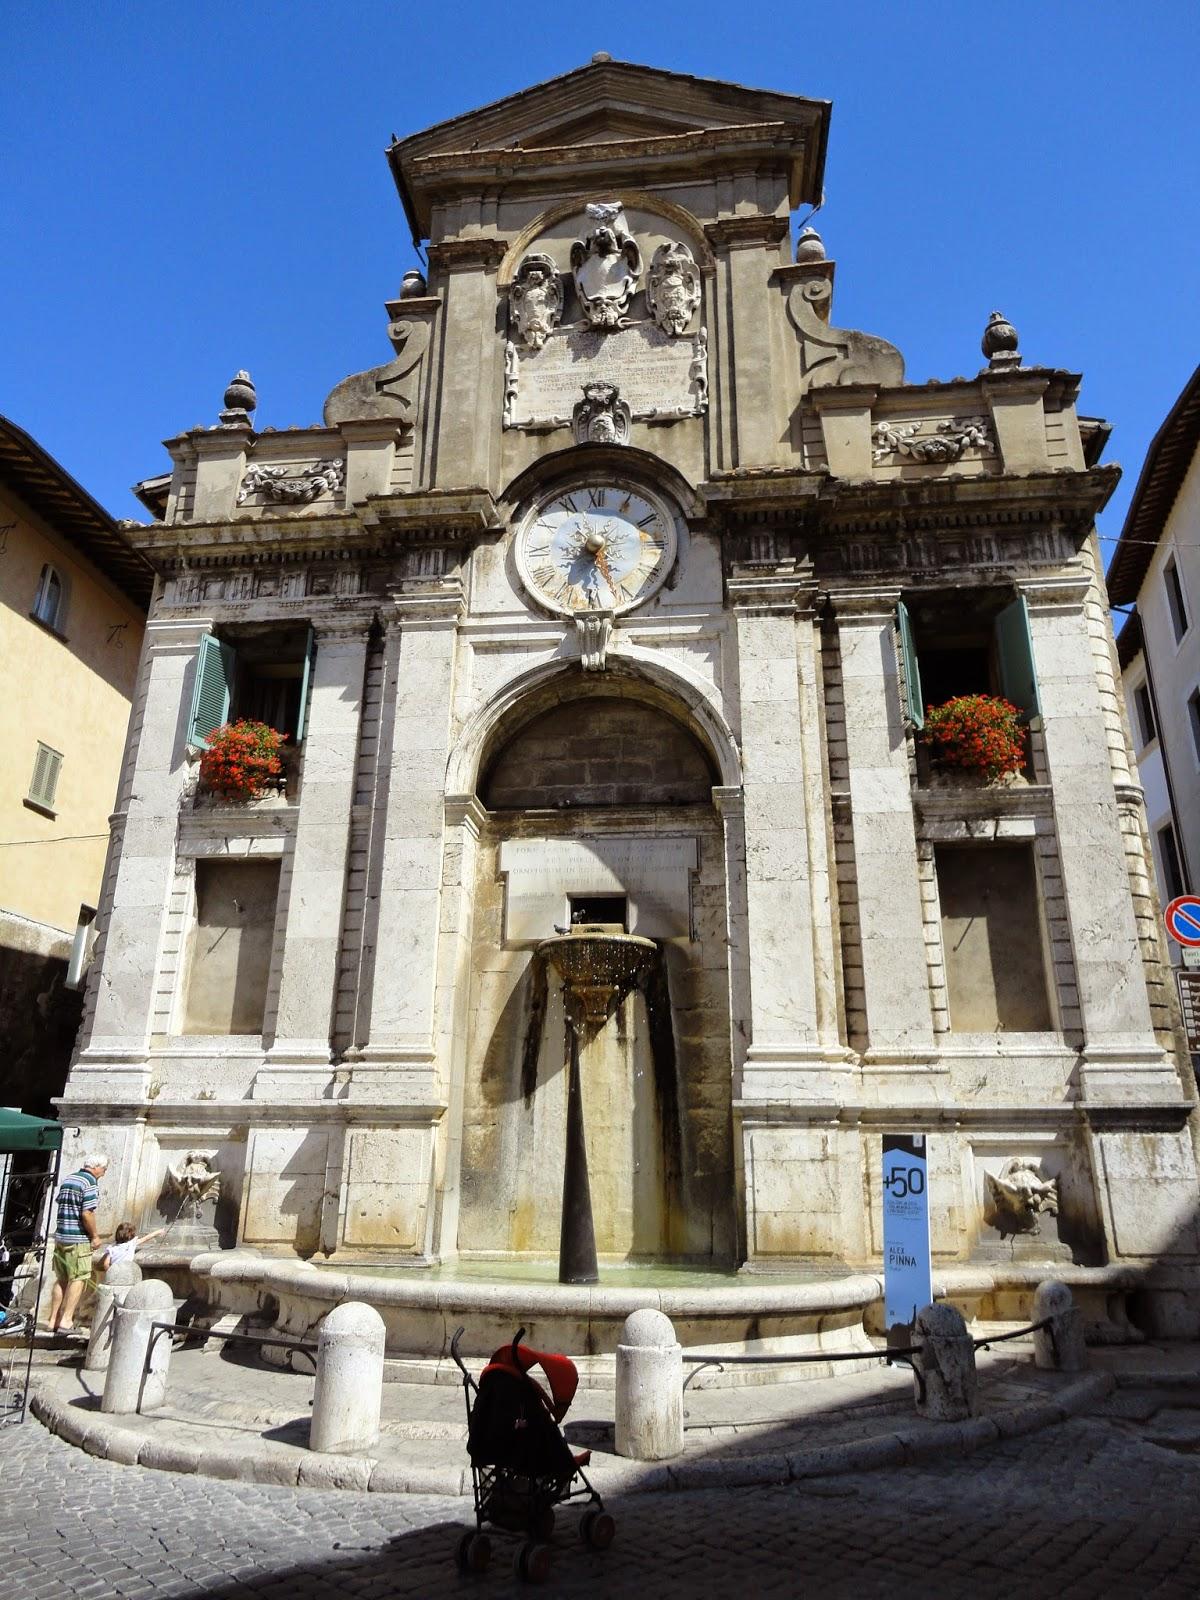 Sulle tracce di Don Matteo tra Gubbio e Spoleto